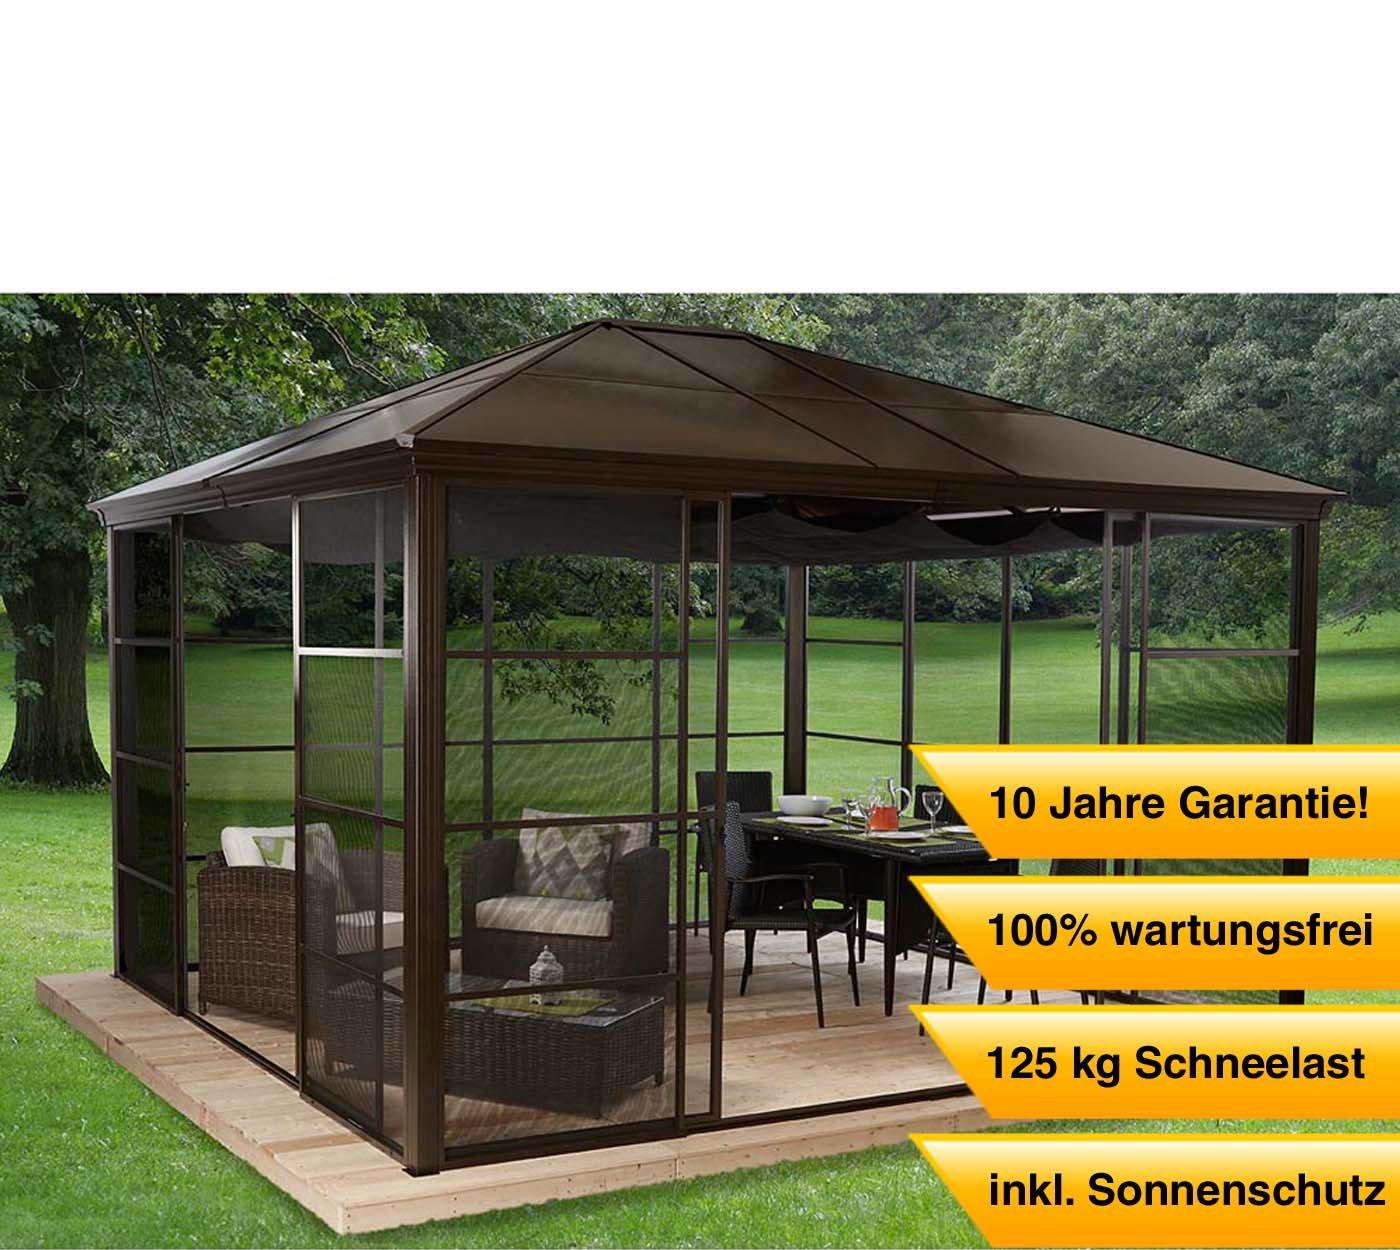 Aluminium Pavillon Überdachung Gazebo Castel 12x14 // 427x362 cm (BxH) // Sommer-Pavillon und Gartenlaube mit Hard-Top Dach von Sojag